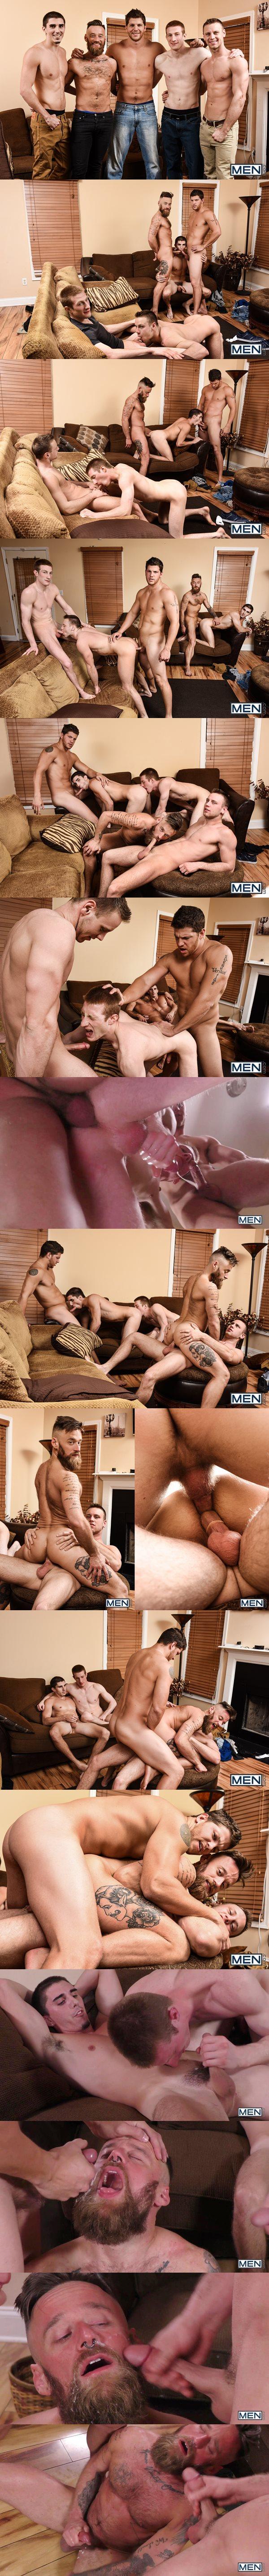 Ashton McKay fucks Brandon Evans, Damien Kyle, Hoytt Walker, Kyle at My Cousin Ashton Part 3 in Jizzorgy 02